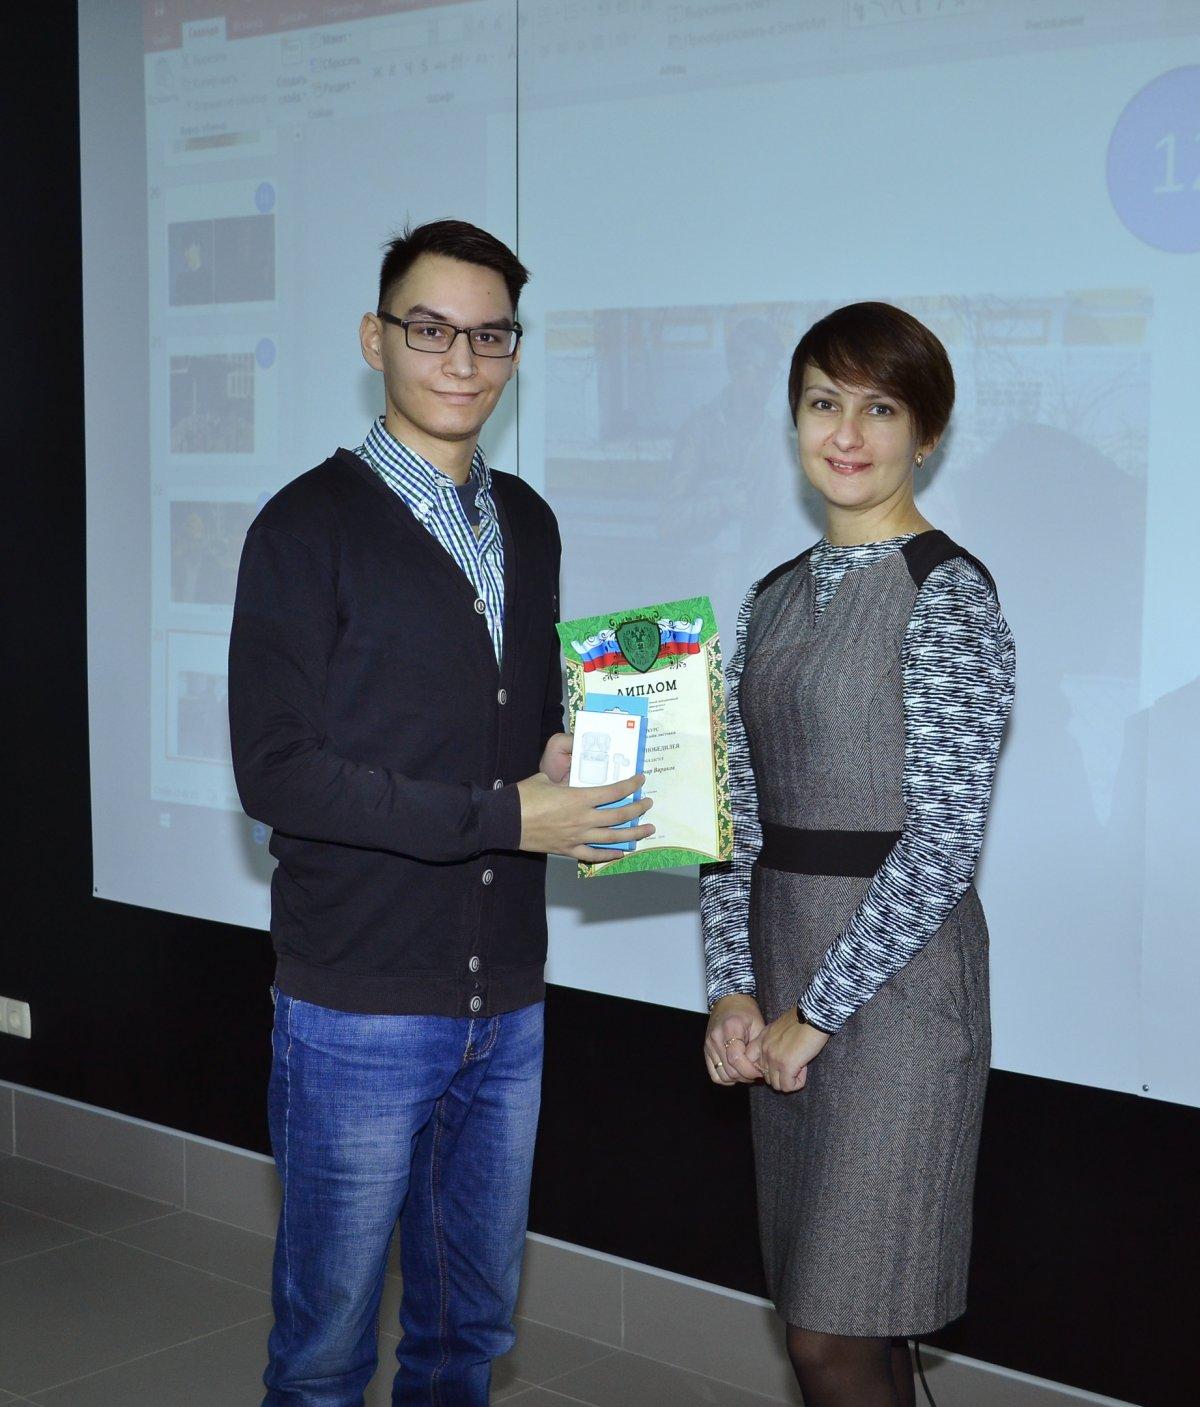 """В рамках встречи """"Творческий калейдоскоп"""" состоялось награждение победителей конкурса на лучший дизайн рекламной листовки."""